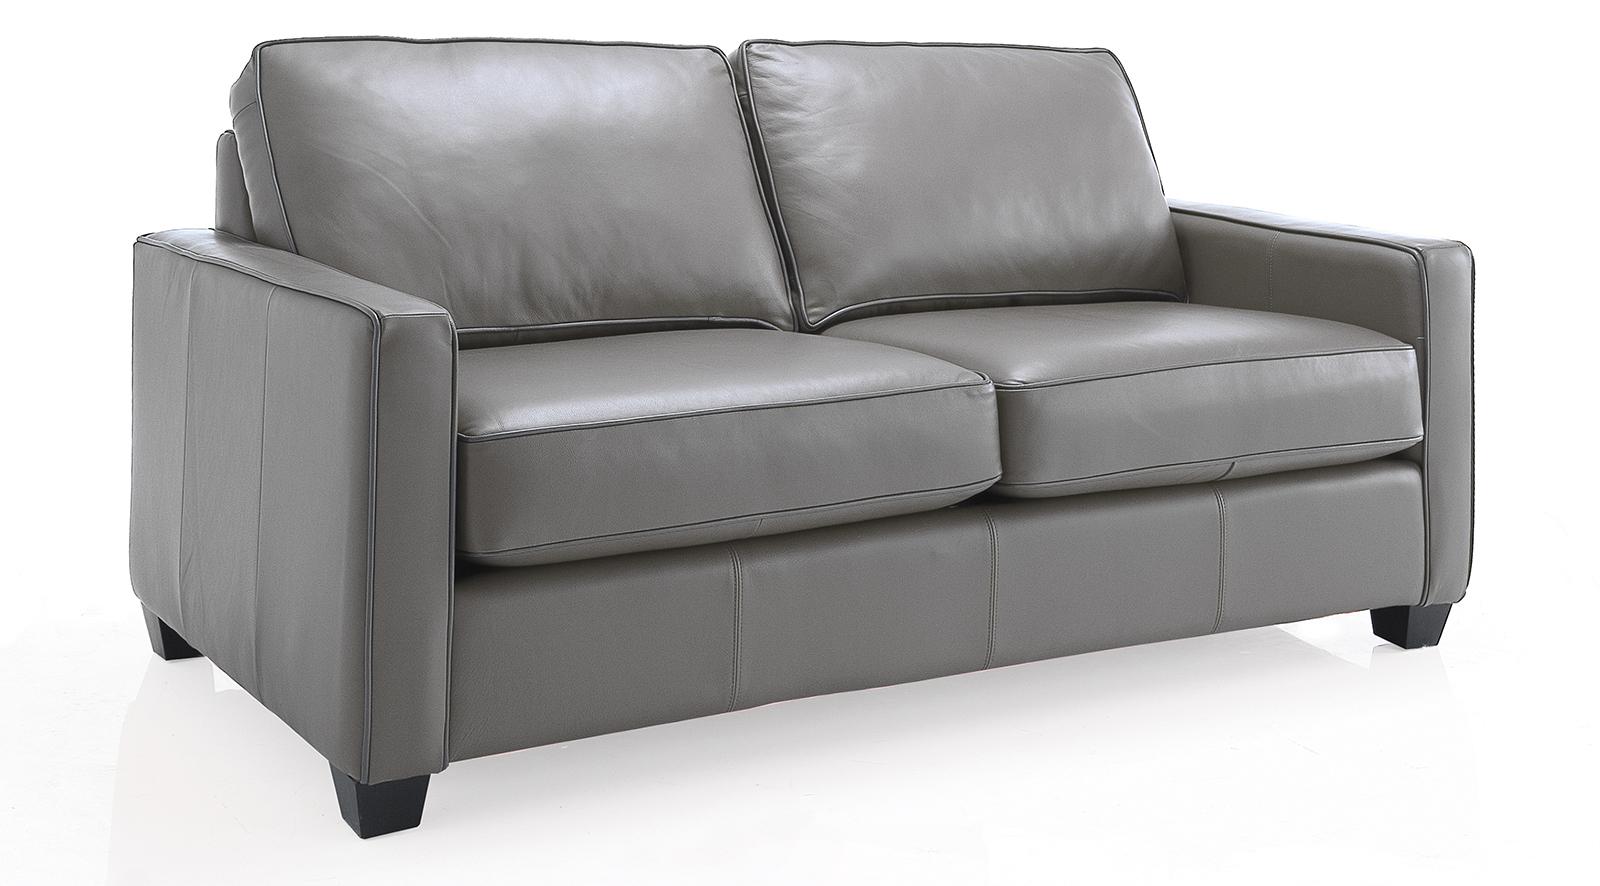 3855 Double Sofa Bed Sleeper